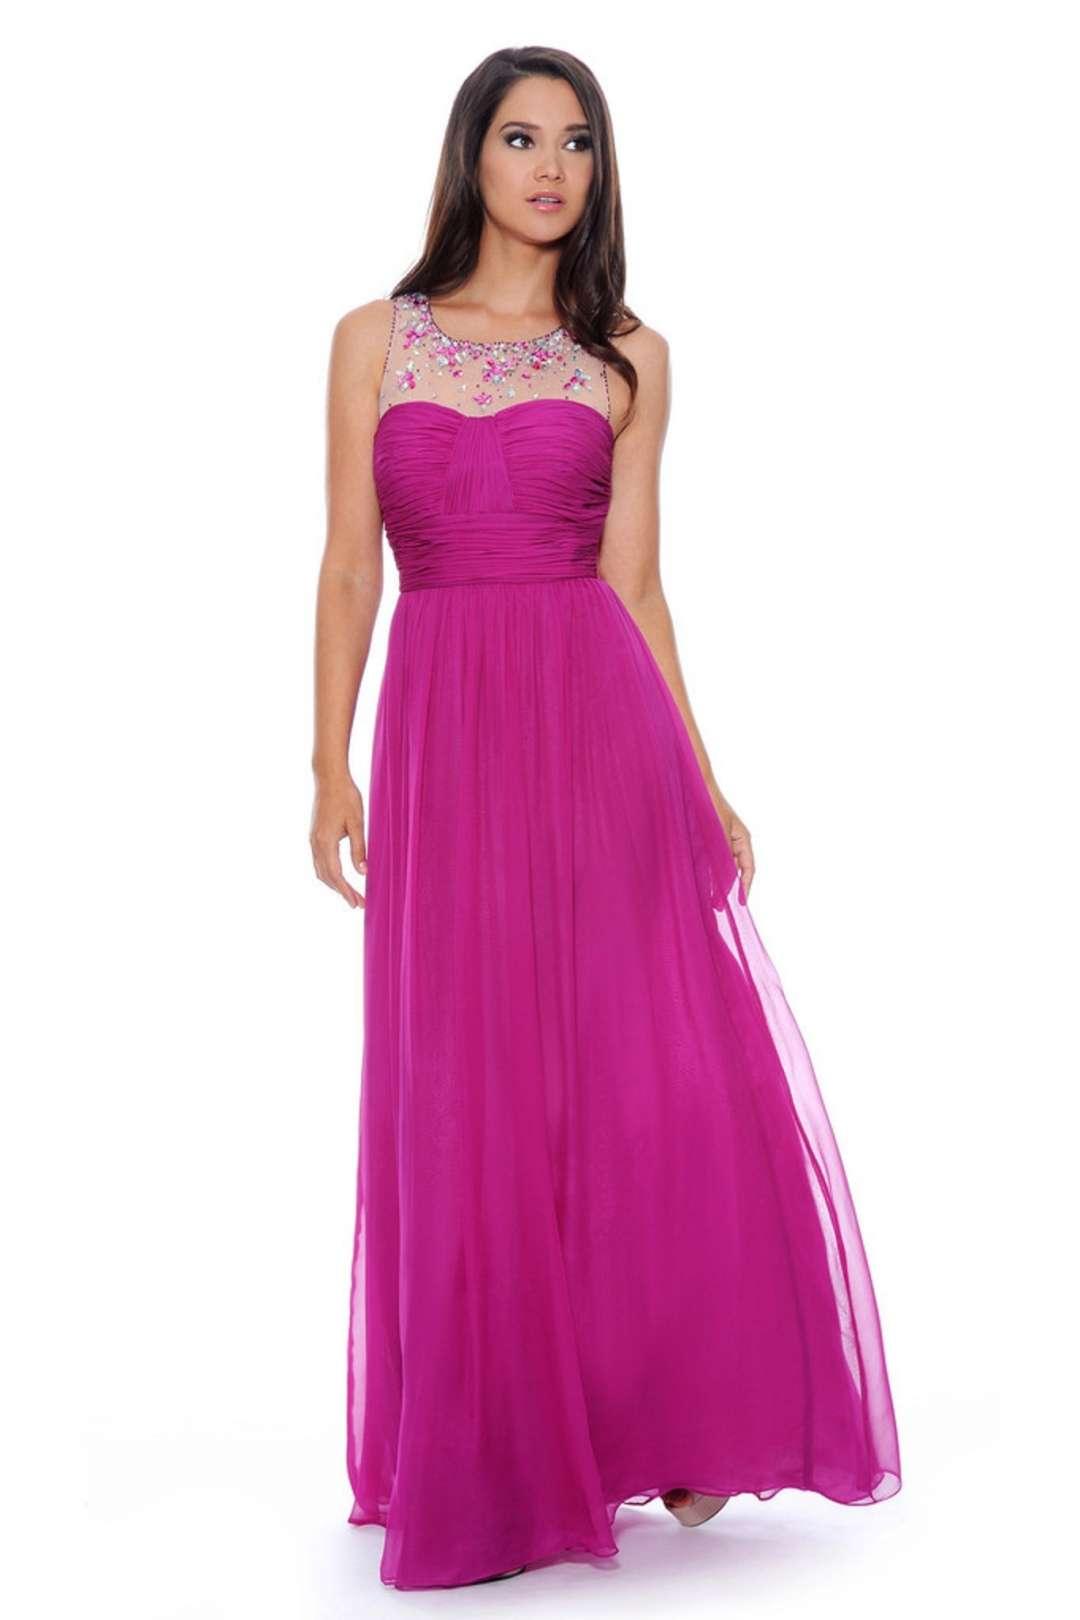 Encantador Vestidos De Fiesta Alquiler Utah Composición - Ideas de ...